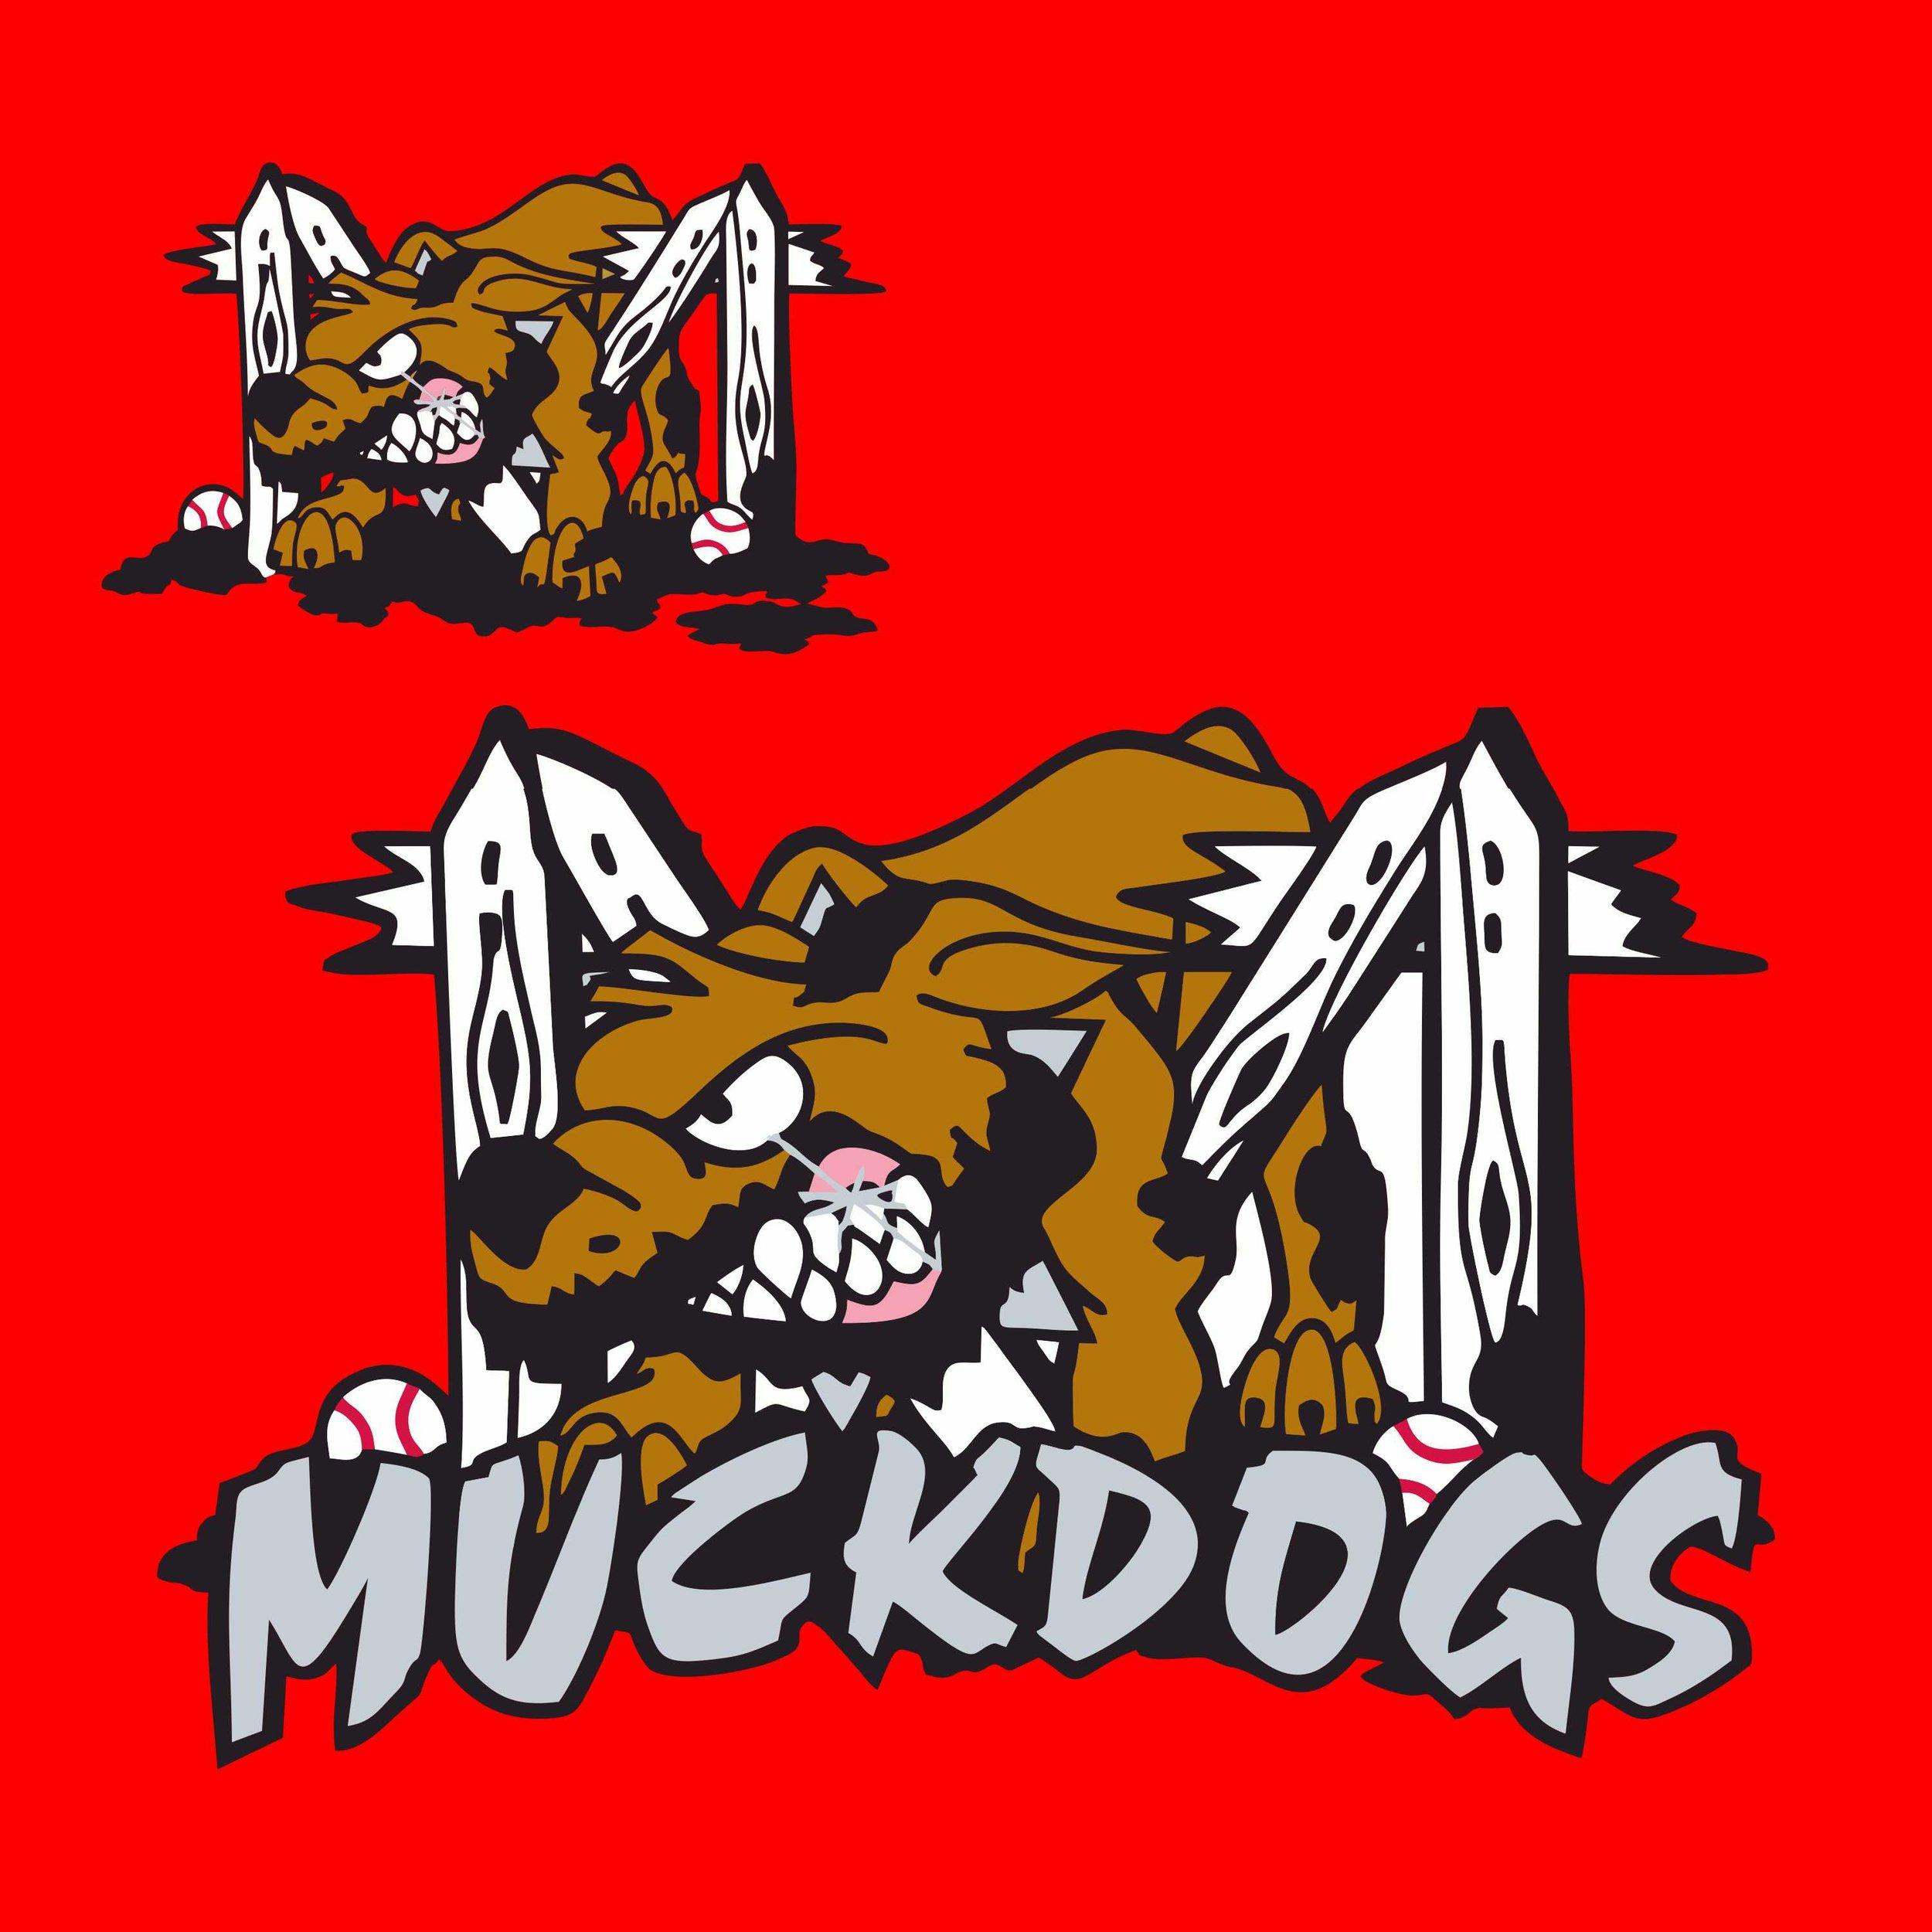 Muckdogs.jpg